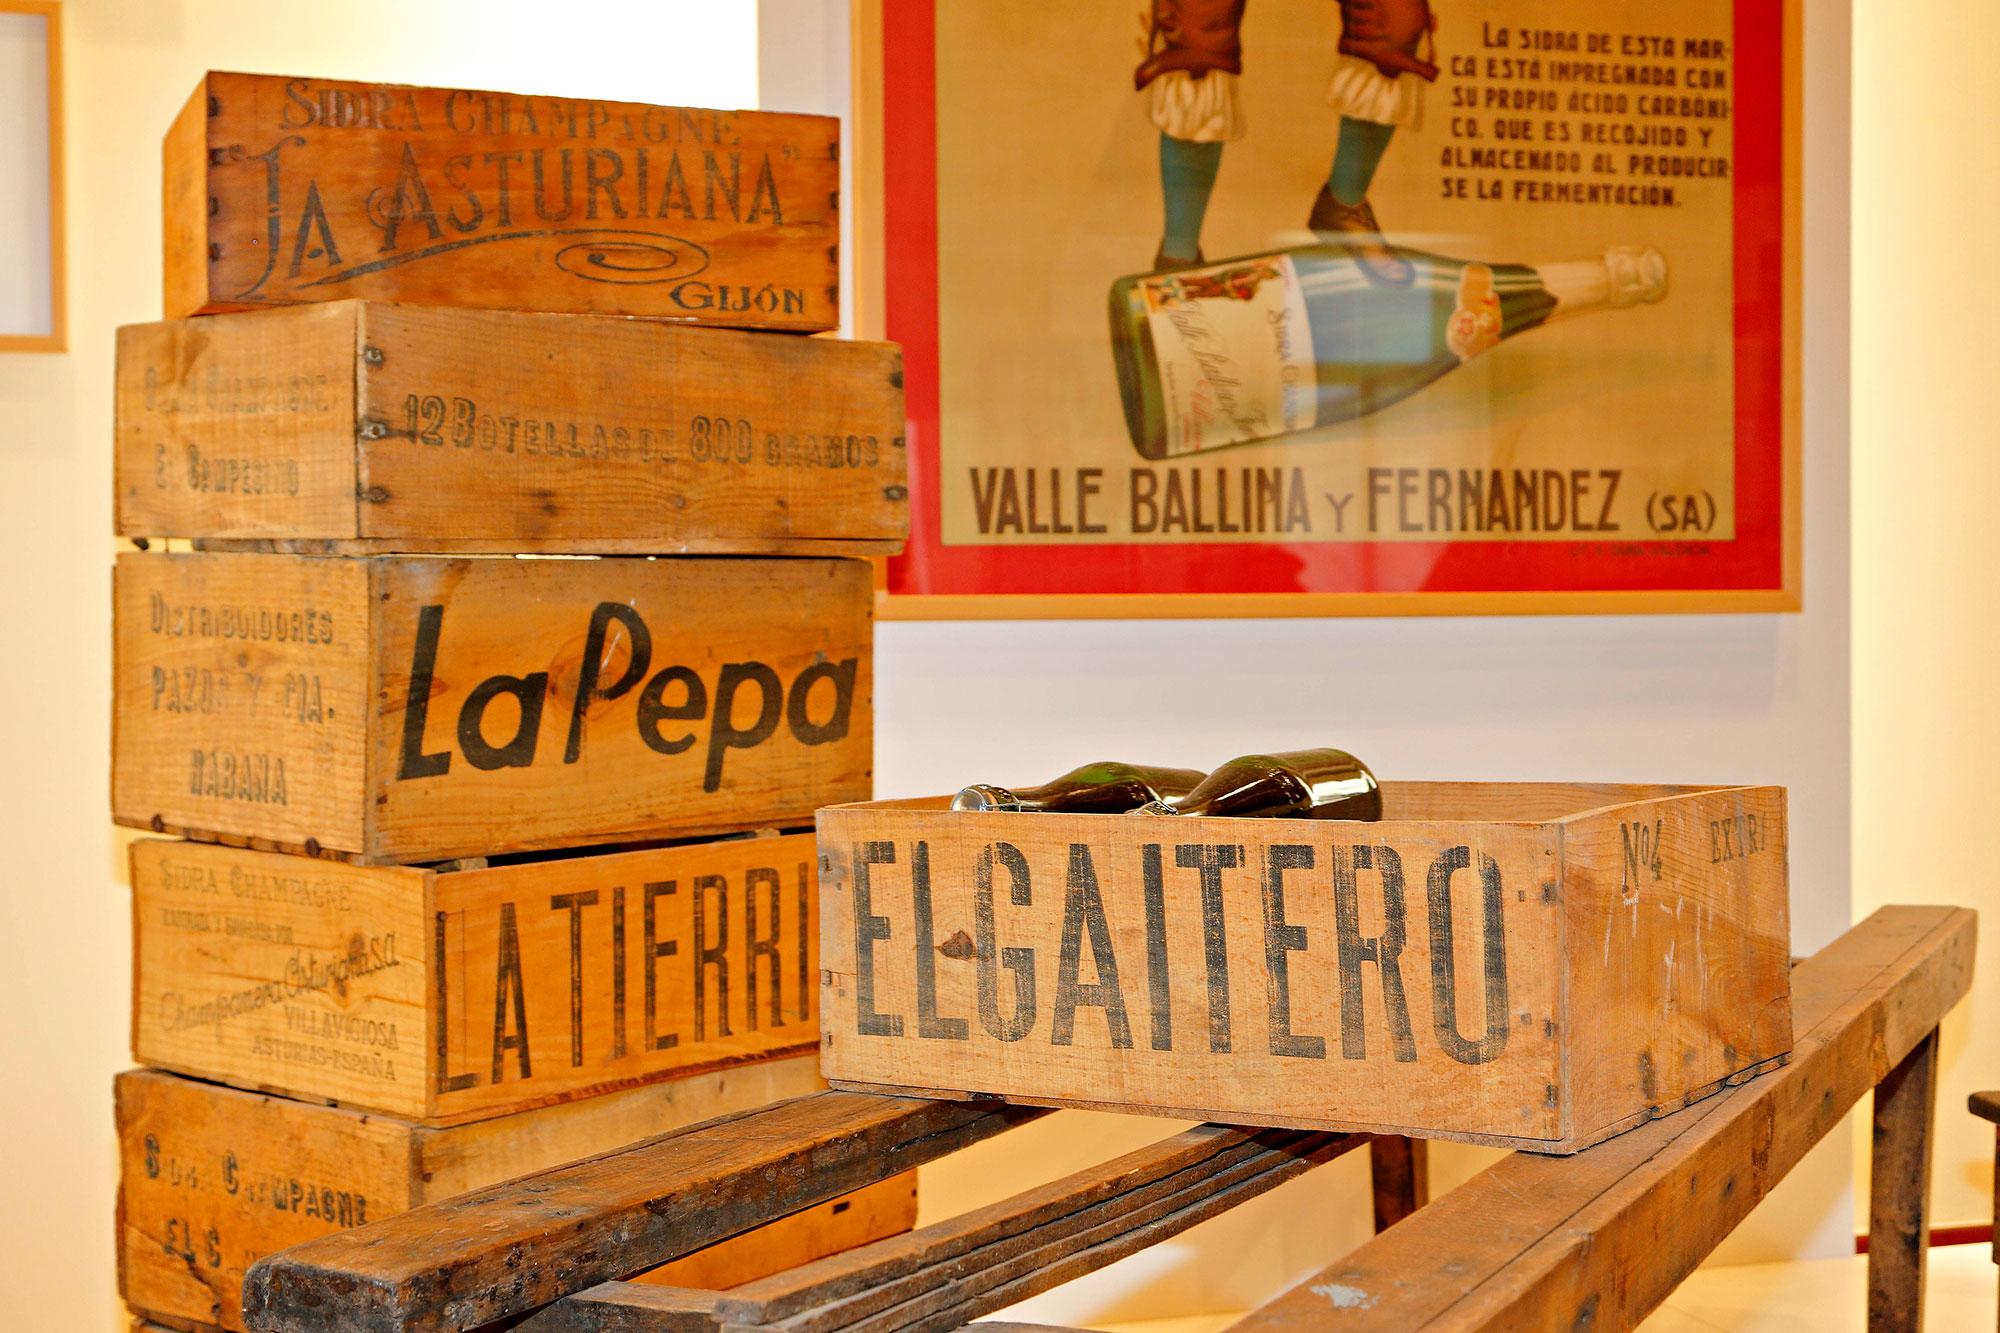 La antigua caja para la sidra El Gaitero forma parte de la exposición de la bodega.